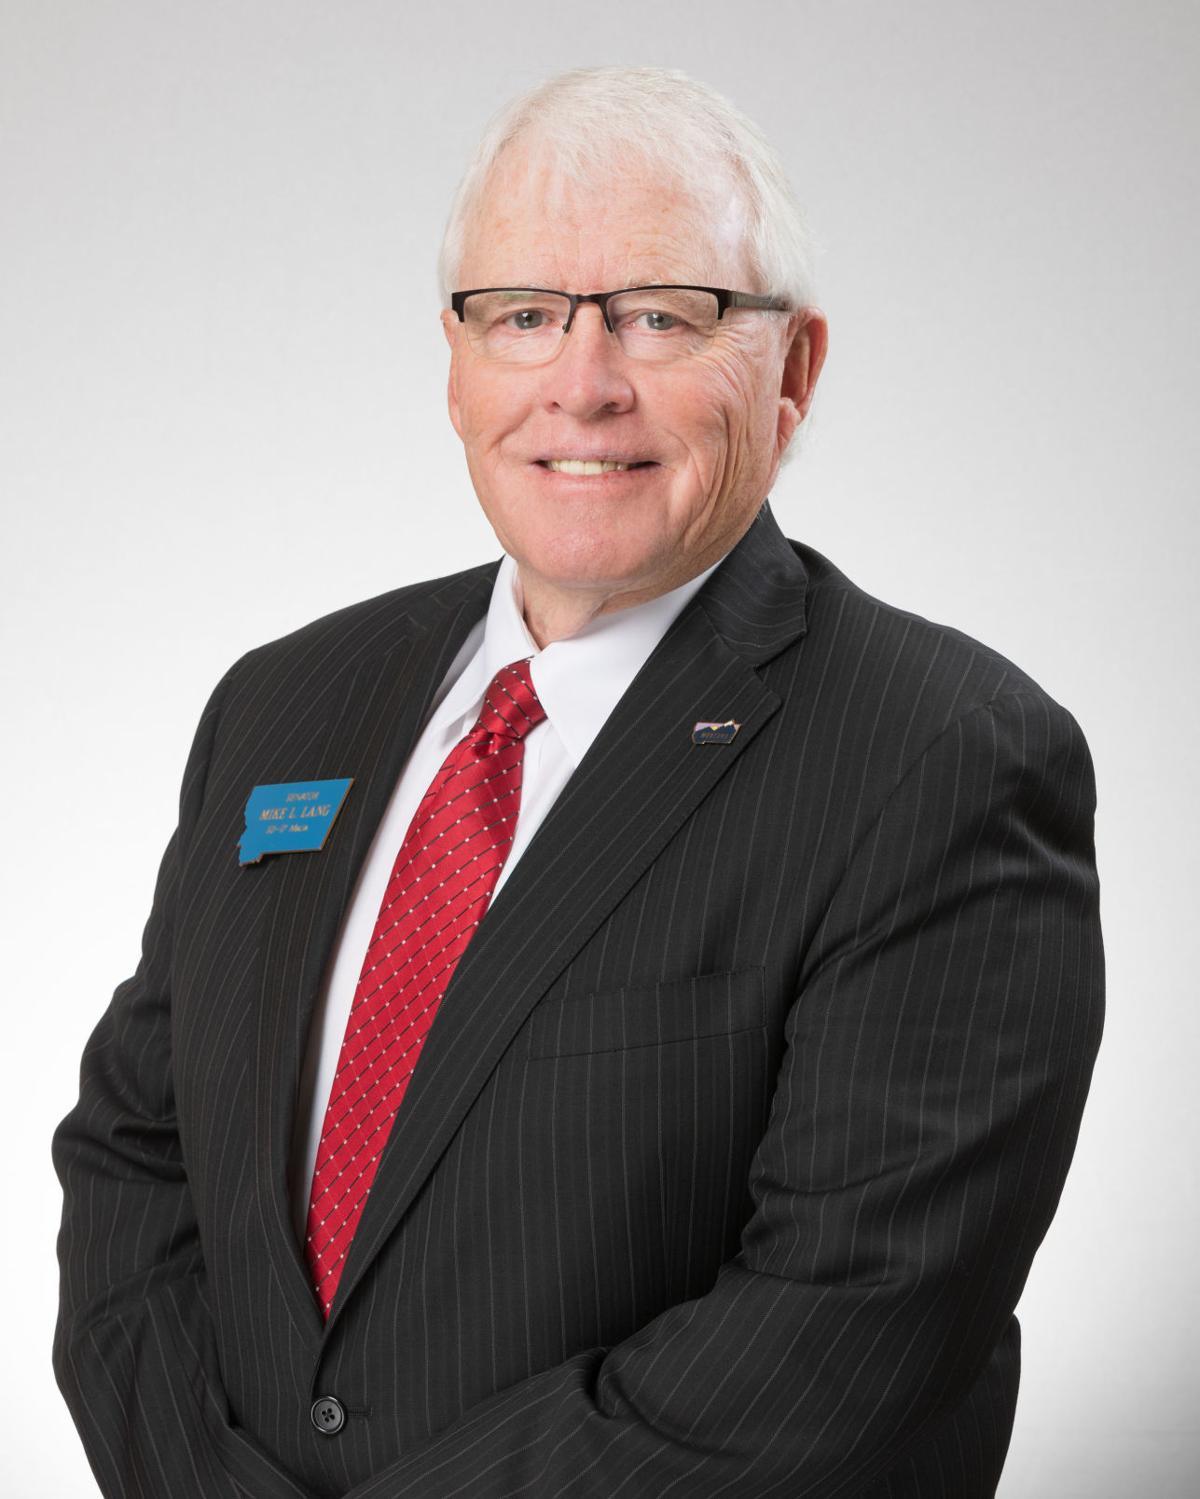 Sen. Mike Lang (R-Malta) mugshot